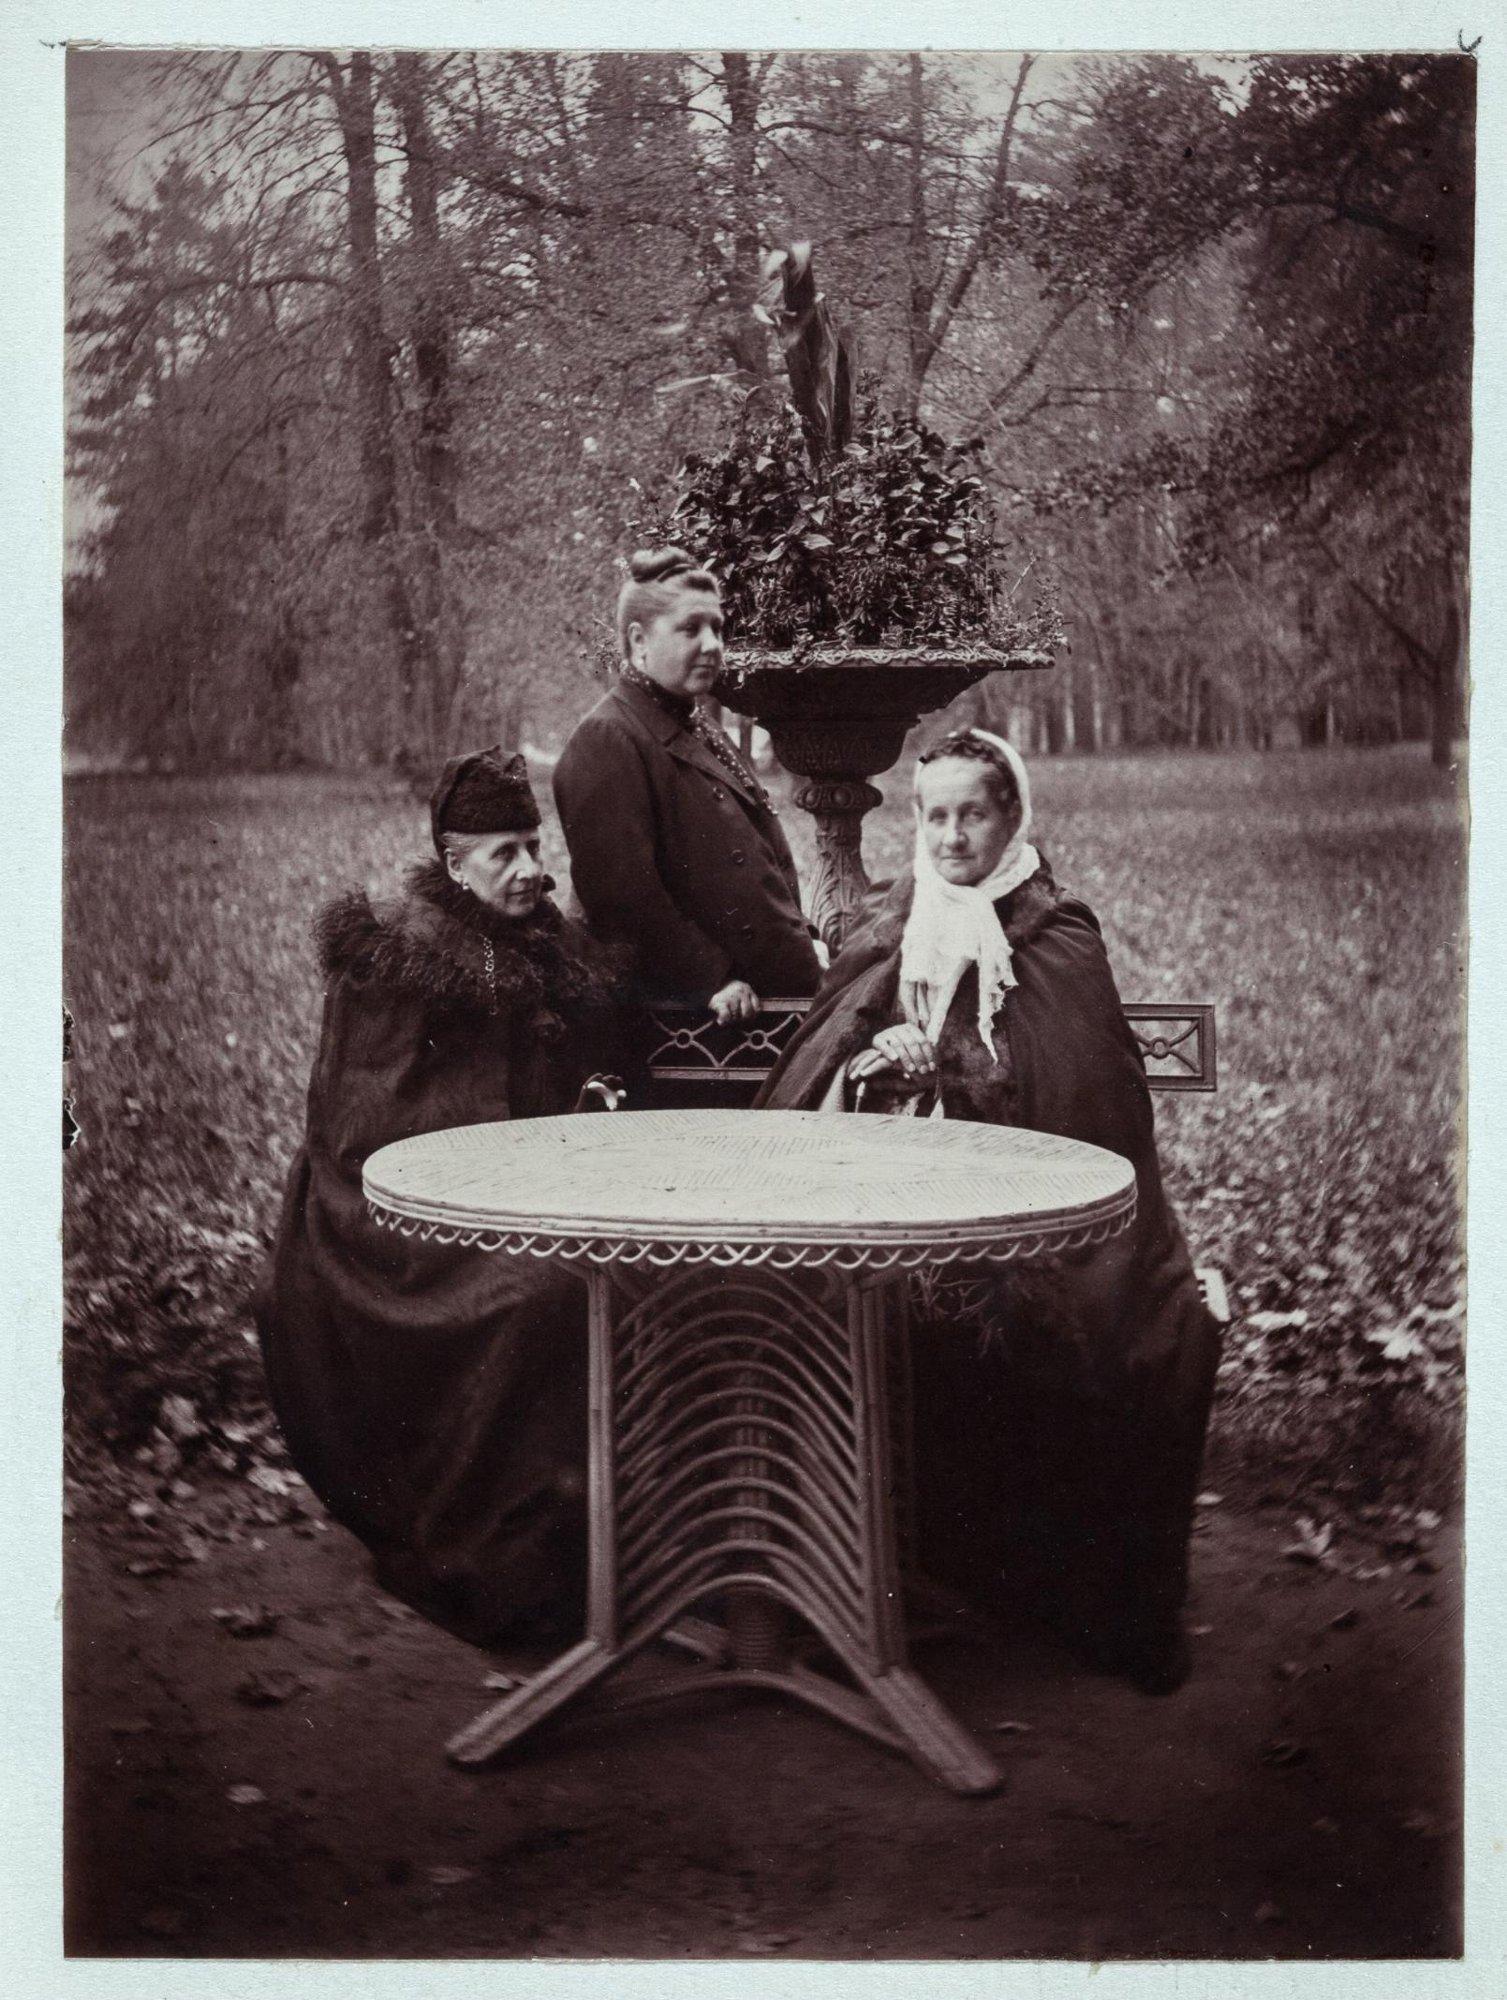 1895. Суханово. Светлейшая княгиня Ольга Петровна Волконская (1845-1919), урожденная Клейнмихель, с родственницами